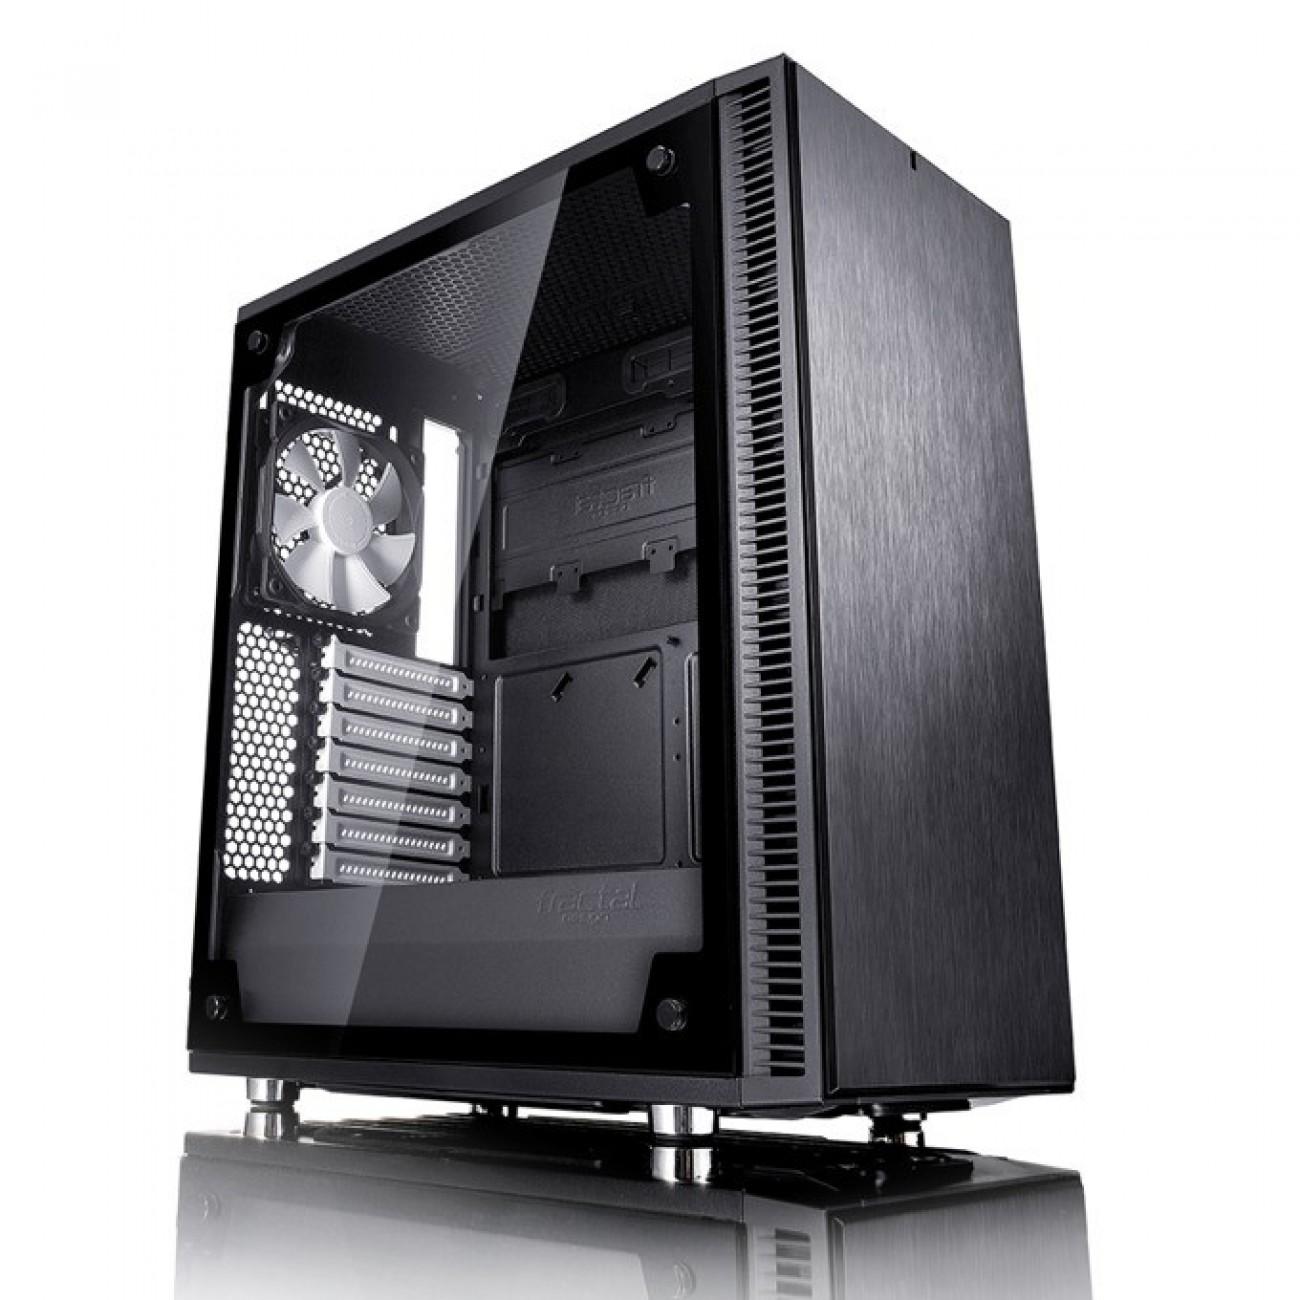 Кутия Fractal Design Define C TG, ATX/mATX/ITX, прозорец, черна, без захранване в Компютърни кутии -  | Alleop